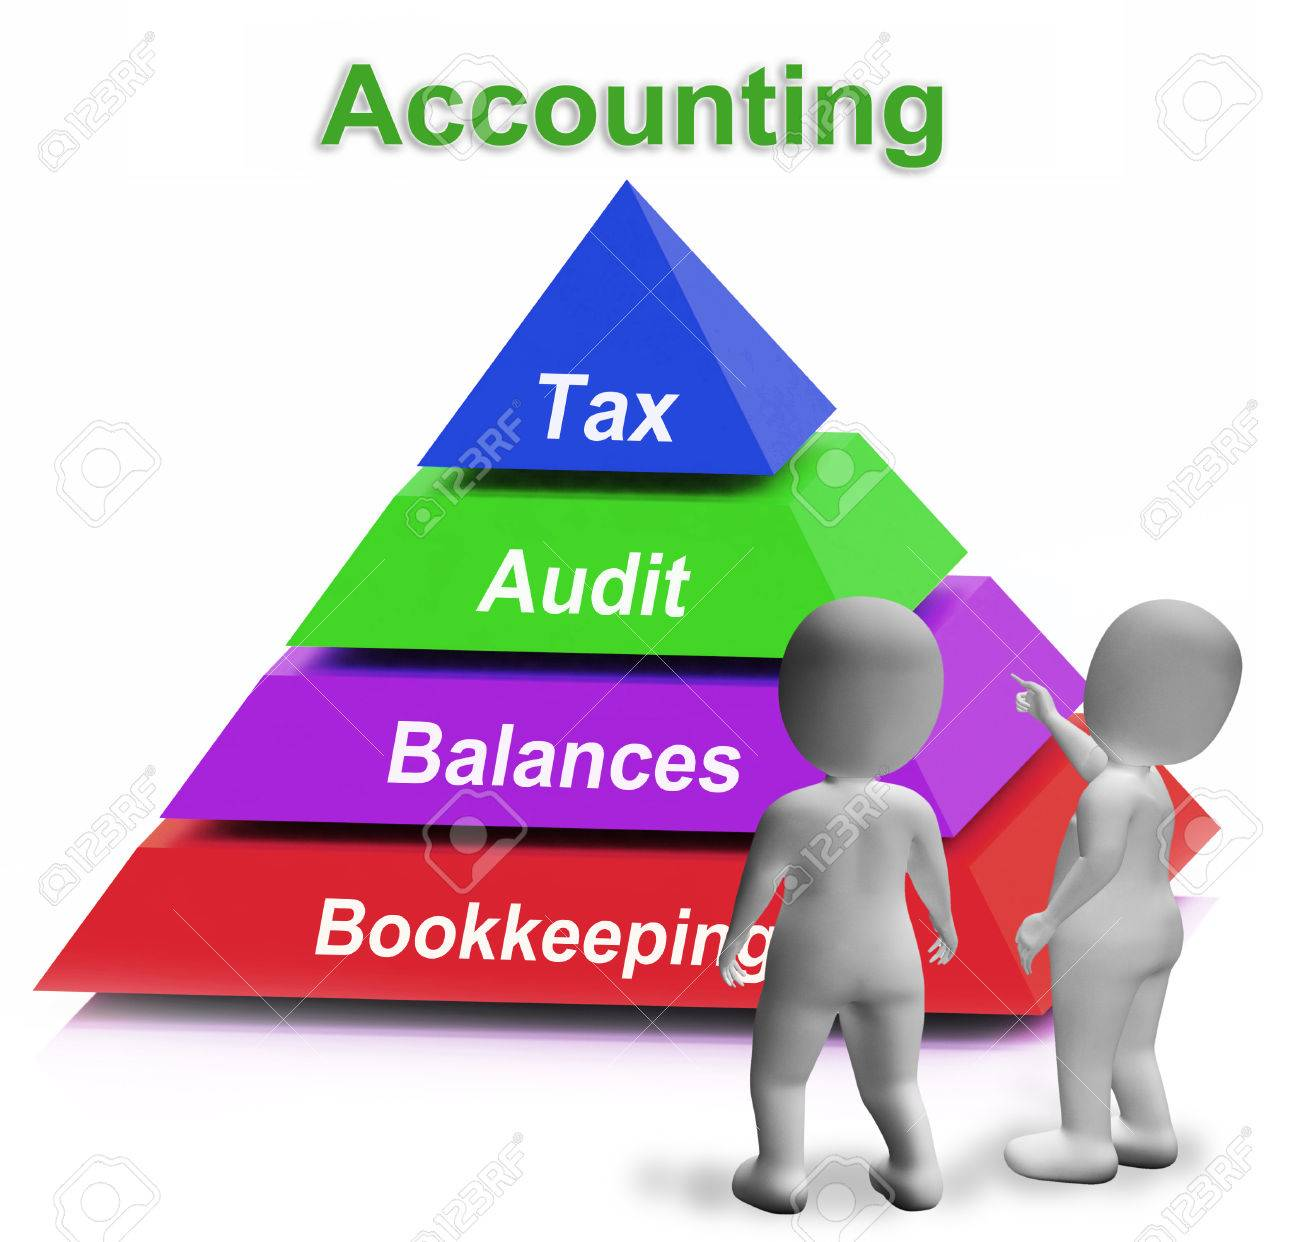 Contabilidad Significado Pirámide Pagar Impuestos Revisión Y ...